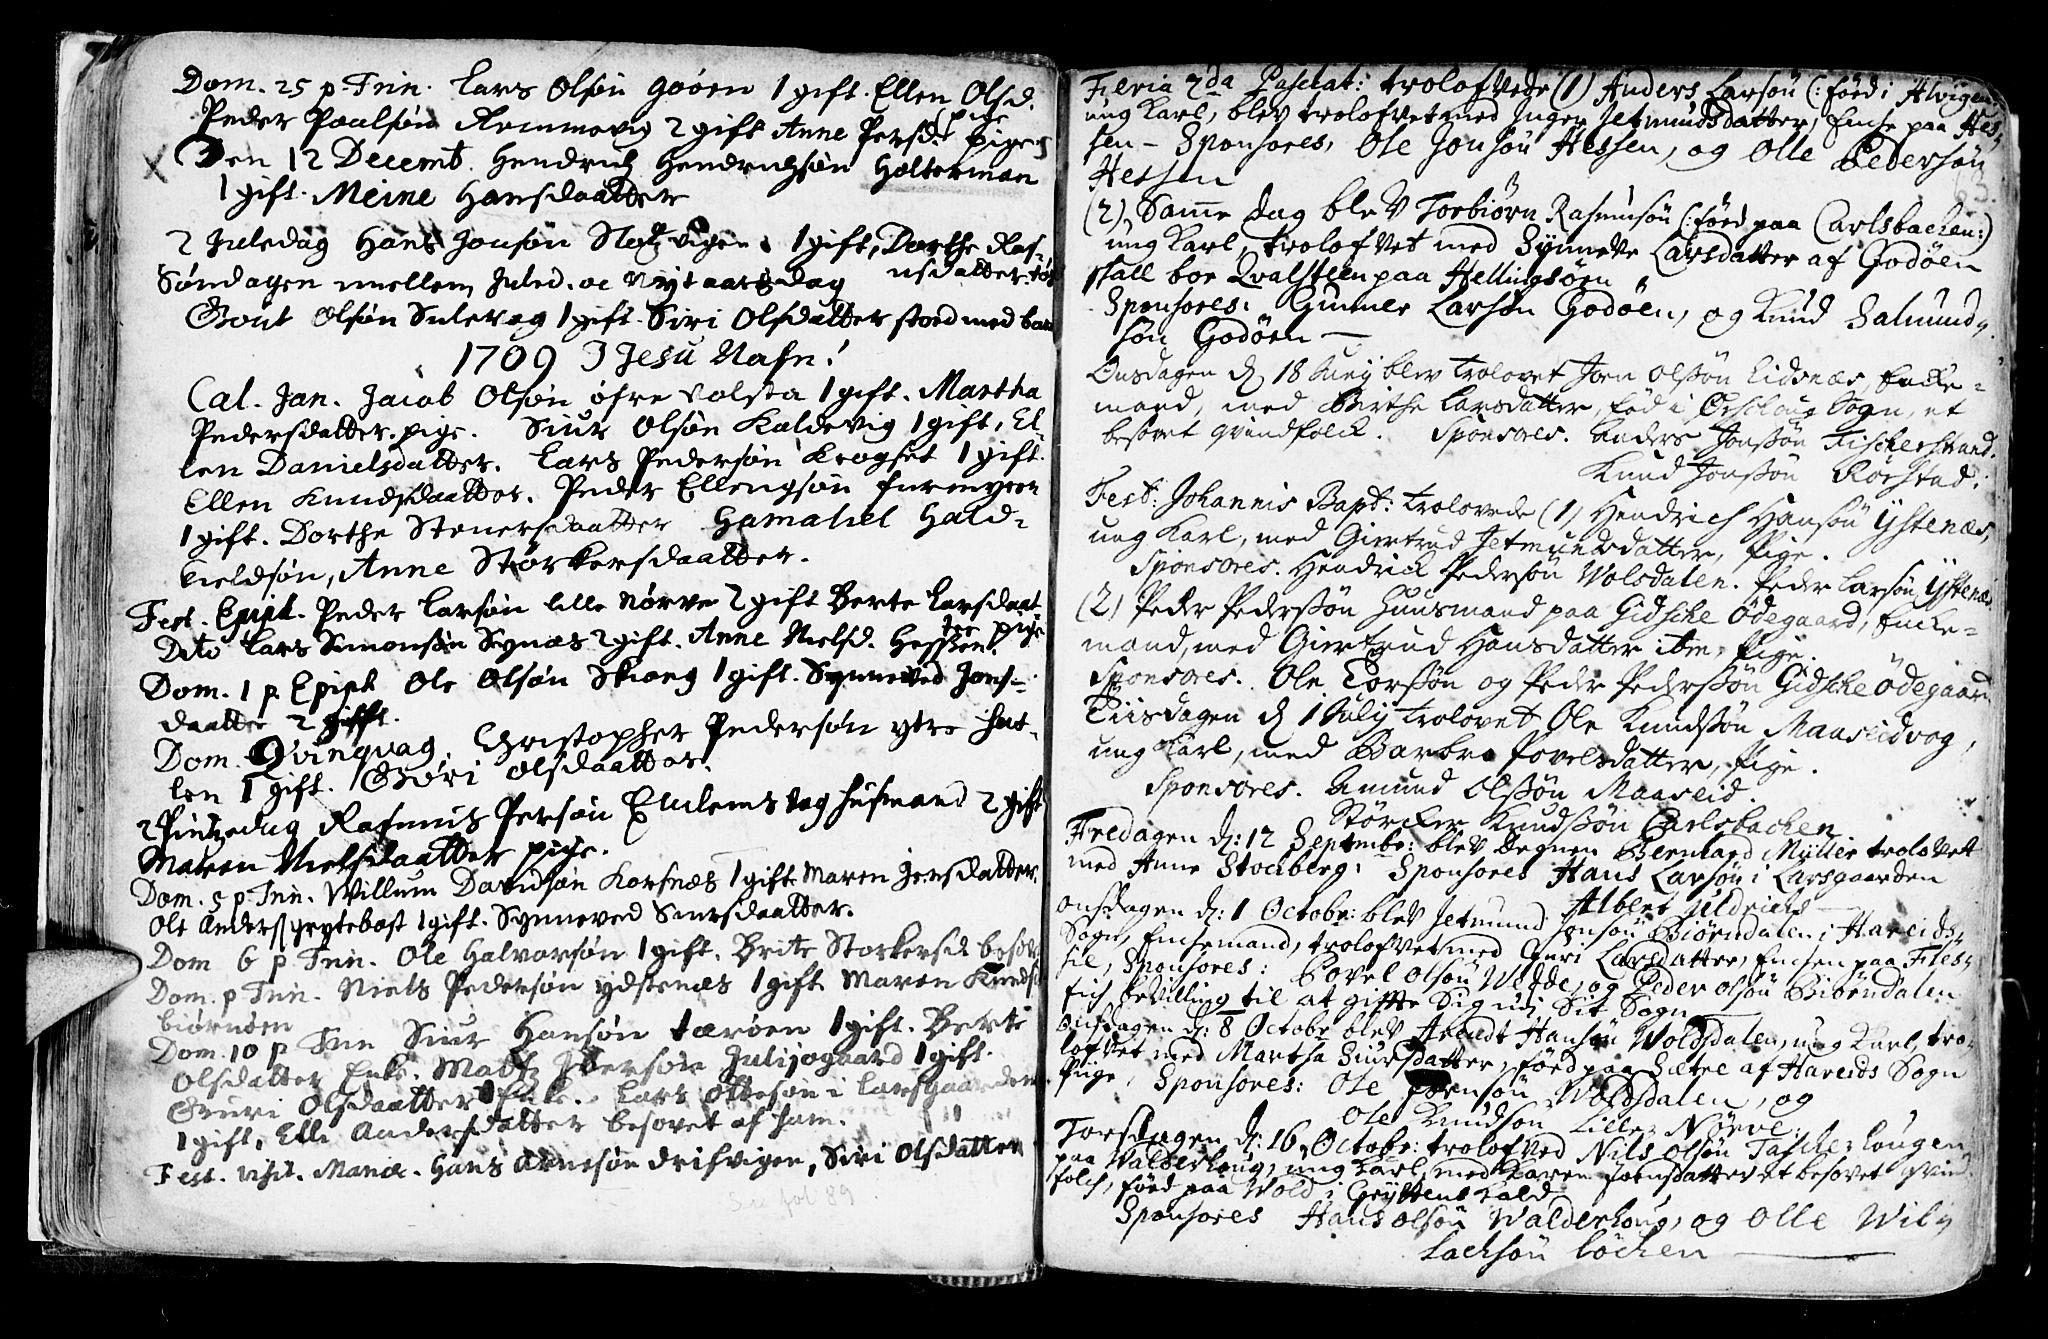 SAT, Ministerialprotokoller, klokkerbøker og fødselsregistre - Møre og Romsdal, 528/L0390: Parish register (official) no. 528A01, 1698-1739, p. 62-63